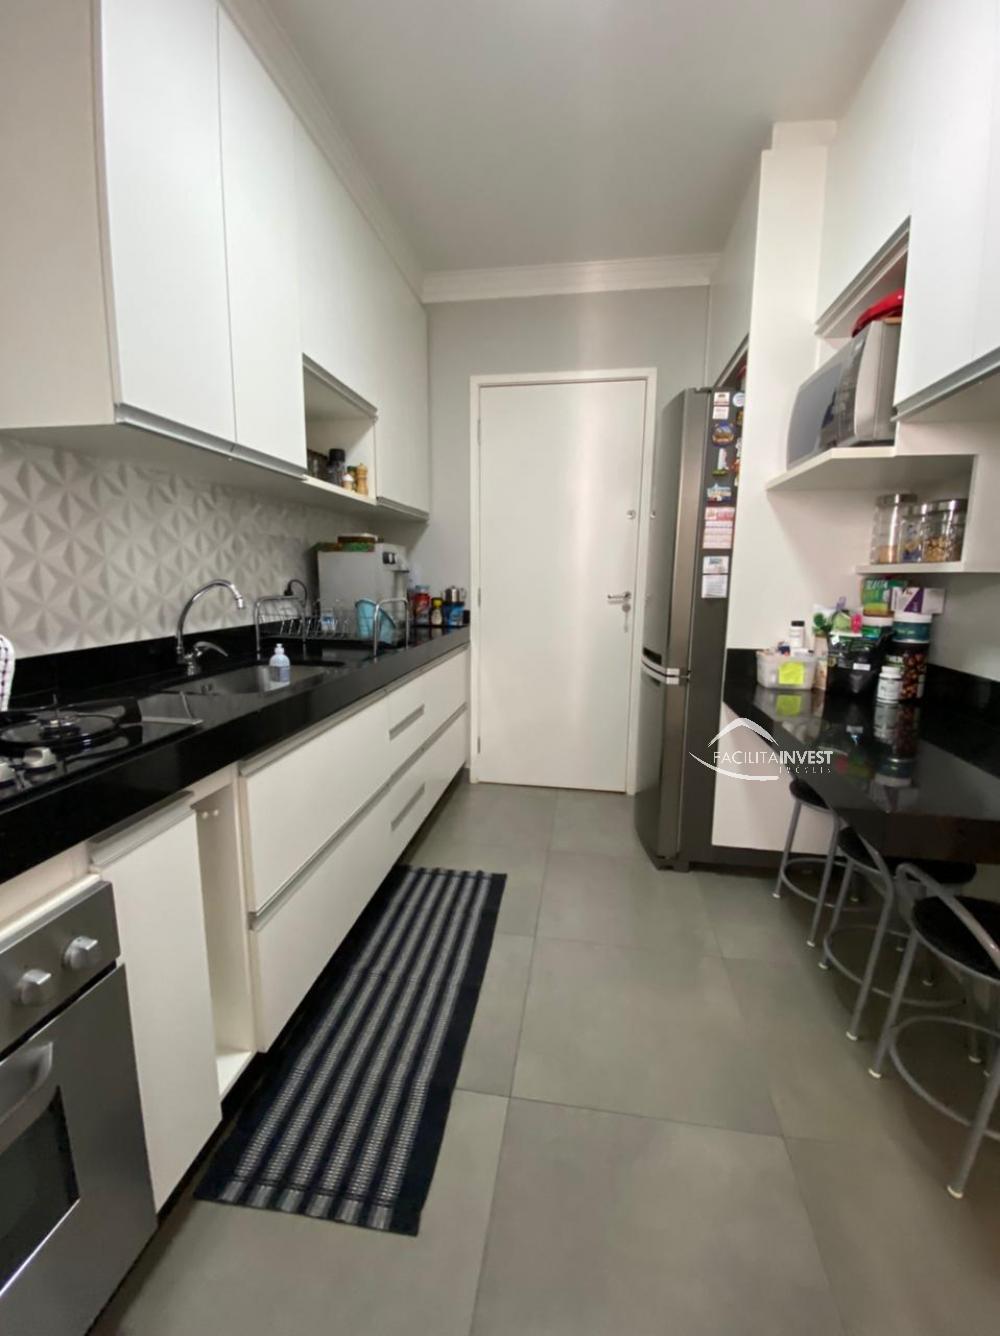 Comprar Apartamentos / Apart. Padrão em Ribeirão Preto R$ 560.000,00 - Foto 8